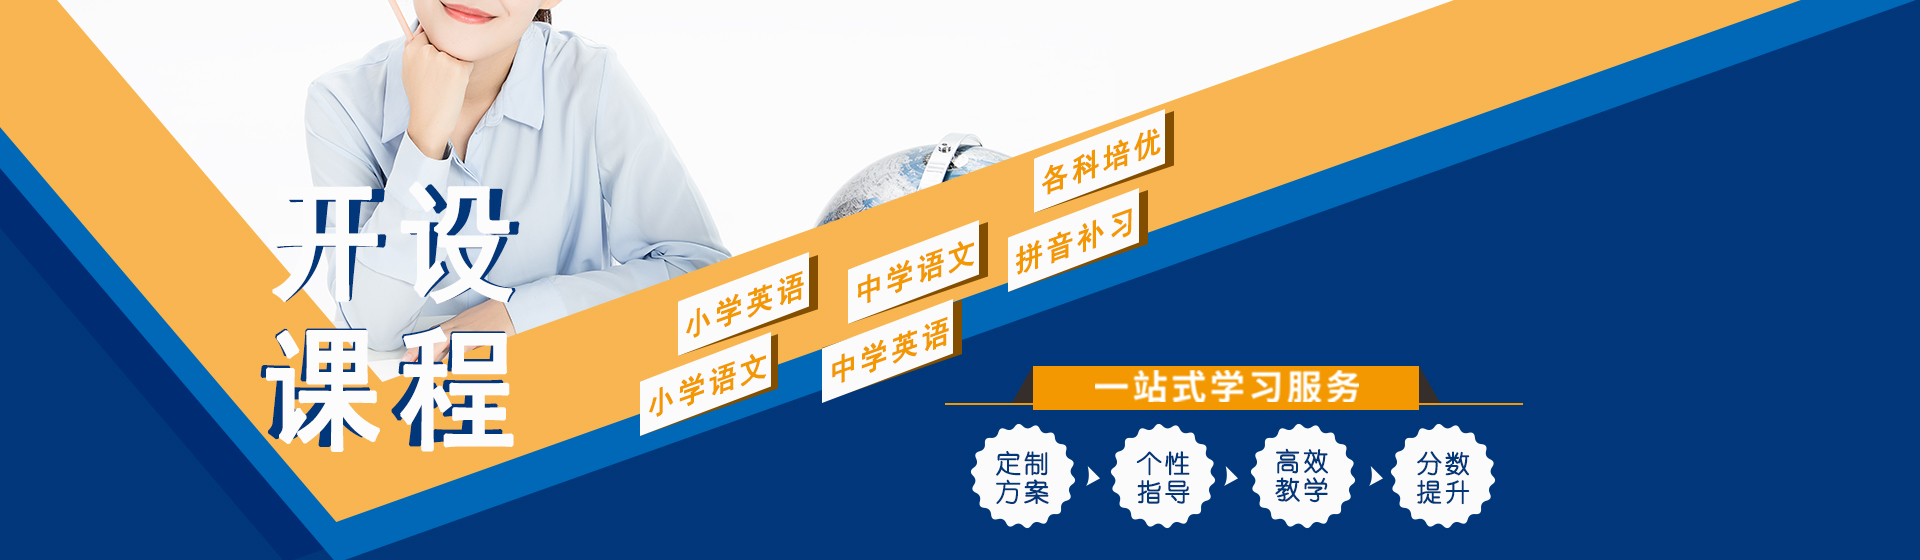 贵州同心合一教育信息咨询有限公司【官网】